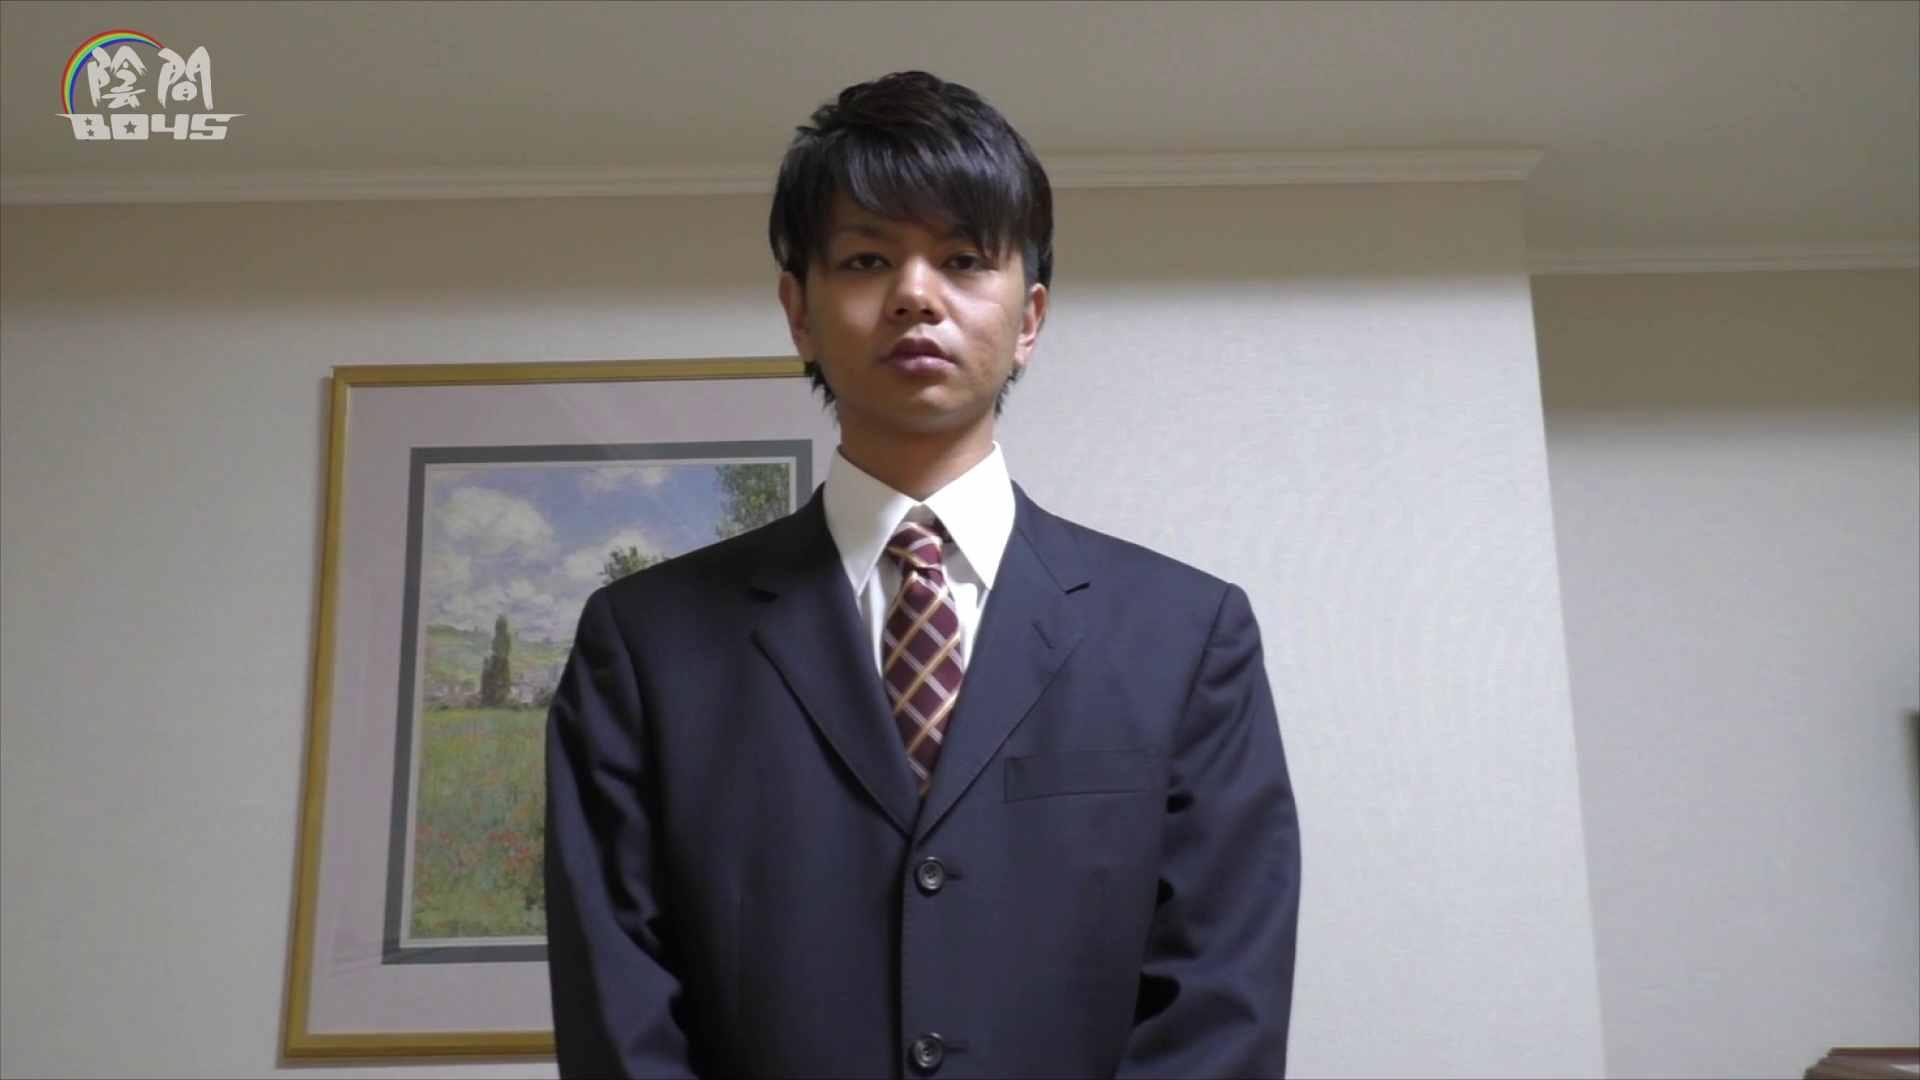 陰間BOYS~キャバクラの仕事はアナルから4 Vol.01 アナル ゲイザーメン画像 82枚 7